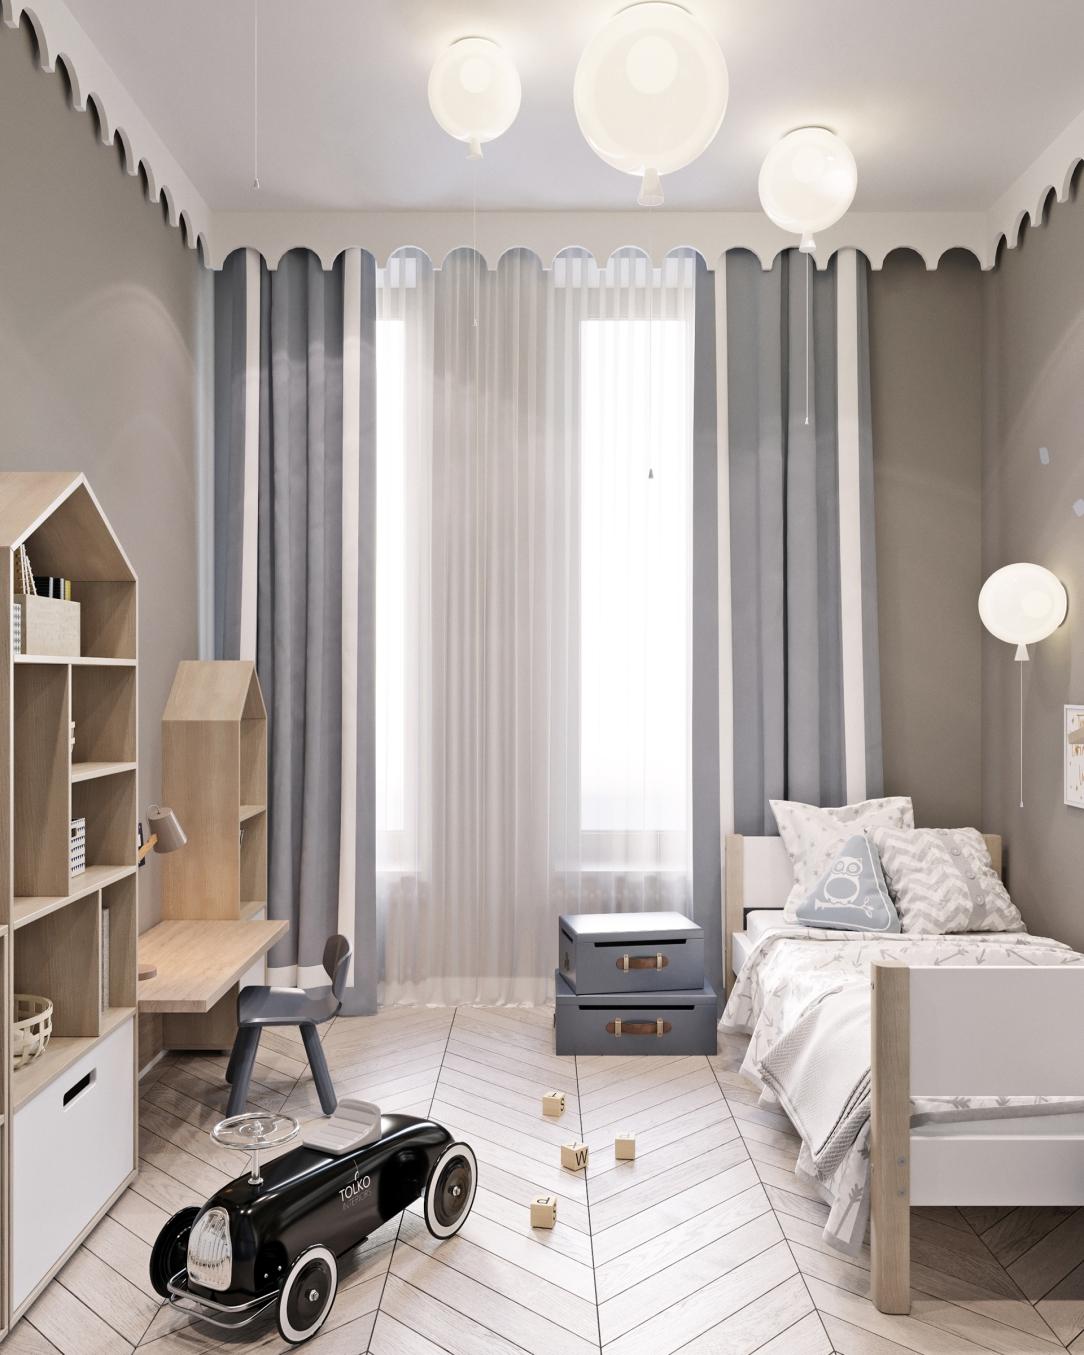 Дизайн интерьера детской спальни современных апартаментов